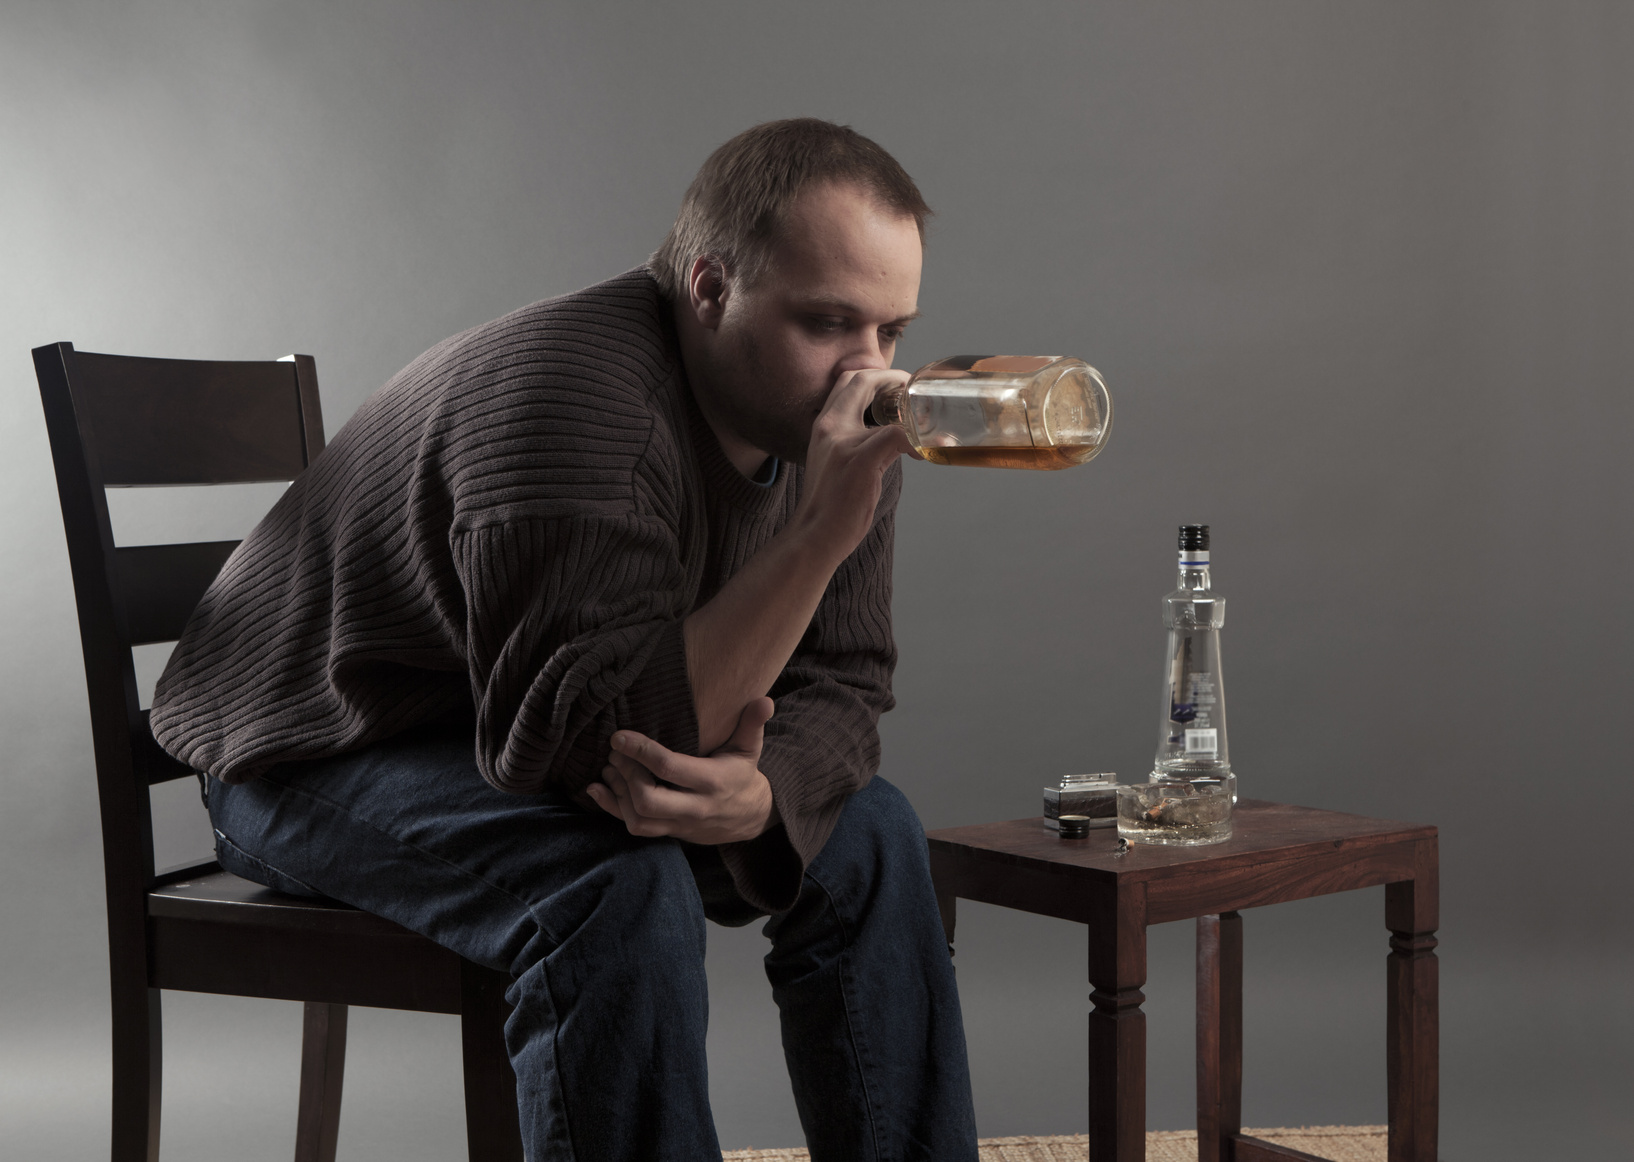 Екатеринбург клиника алкоголизма лечение